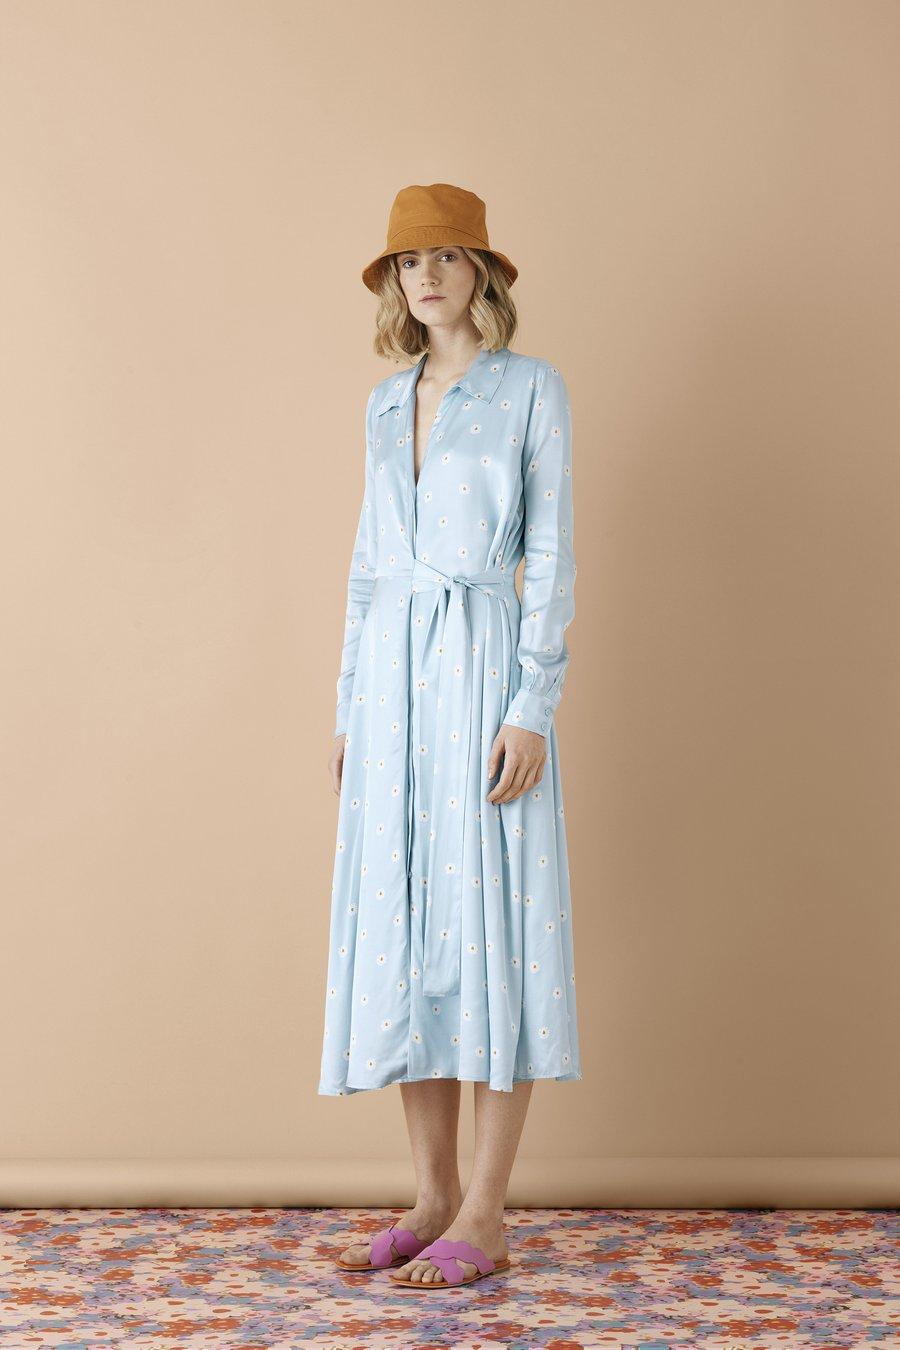 Baily_Dress-Dress-SG2482-1643_Daisy_Blue_900x.jpg